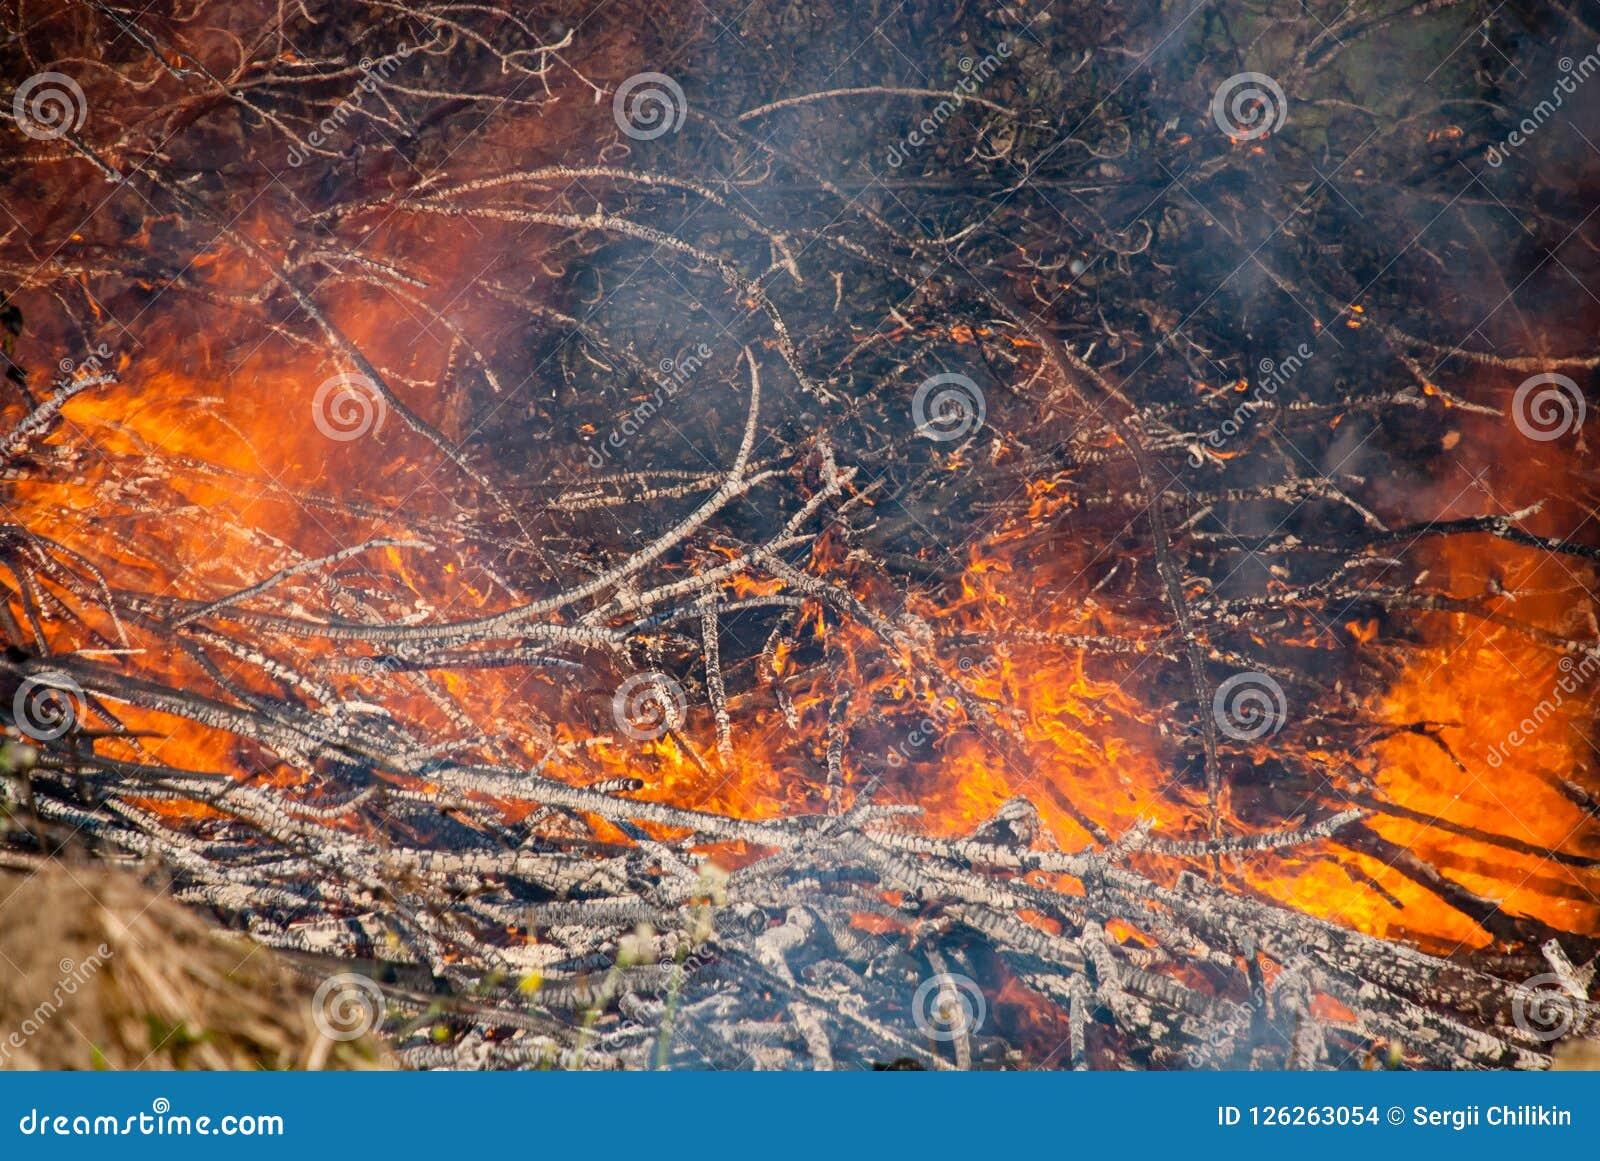 De brandwond van boomtakken